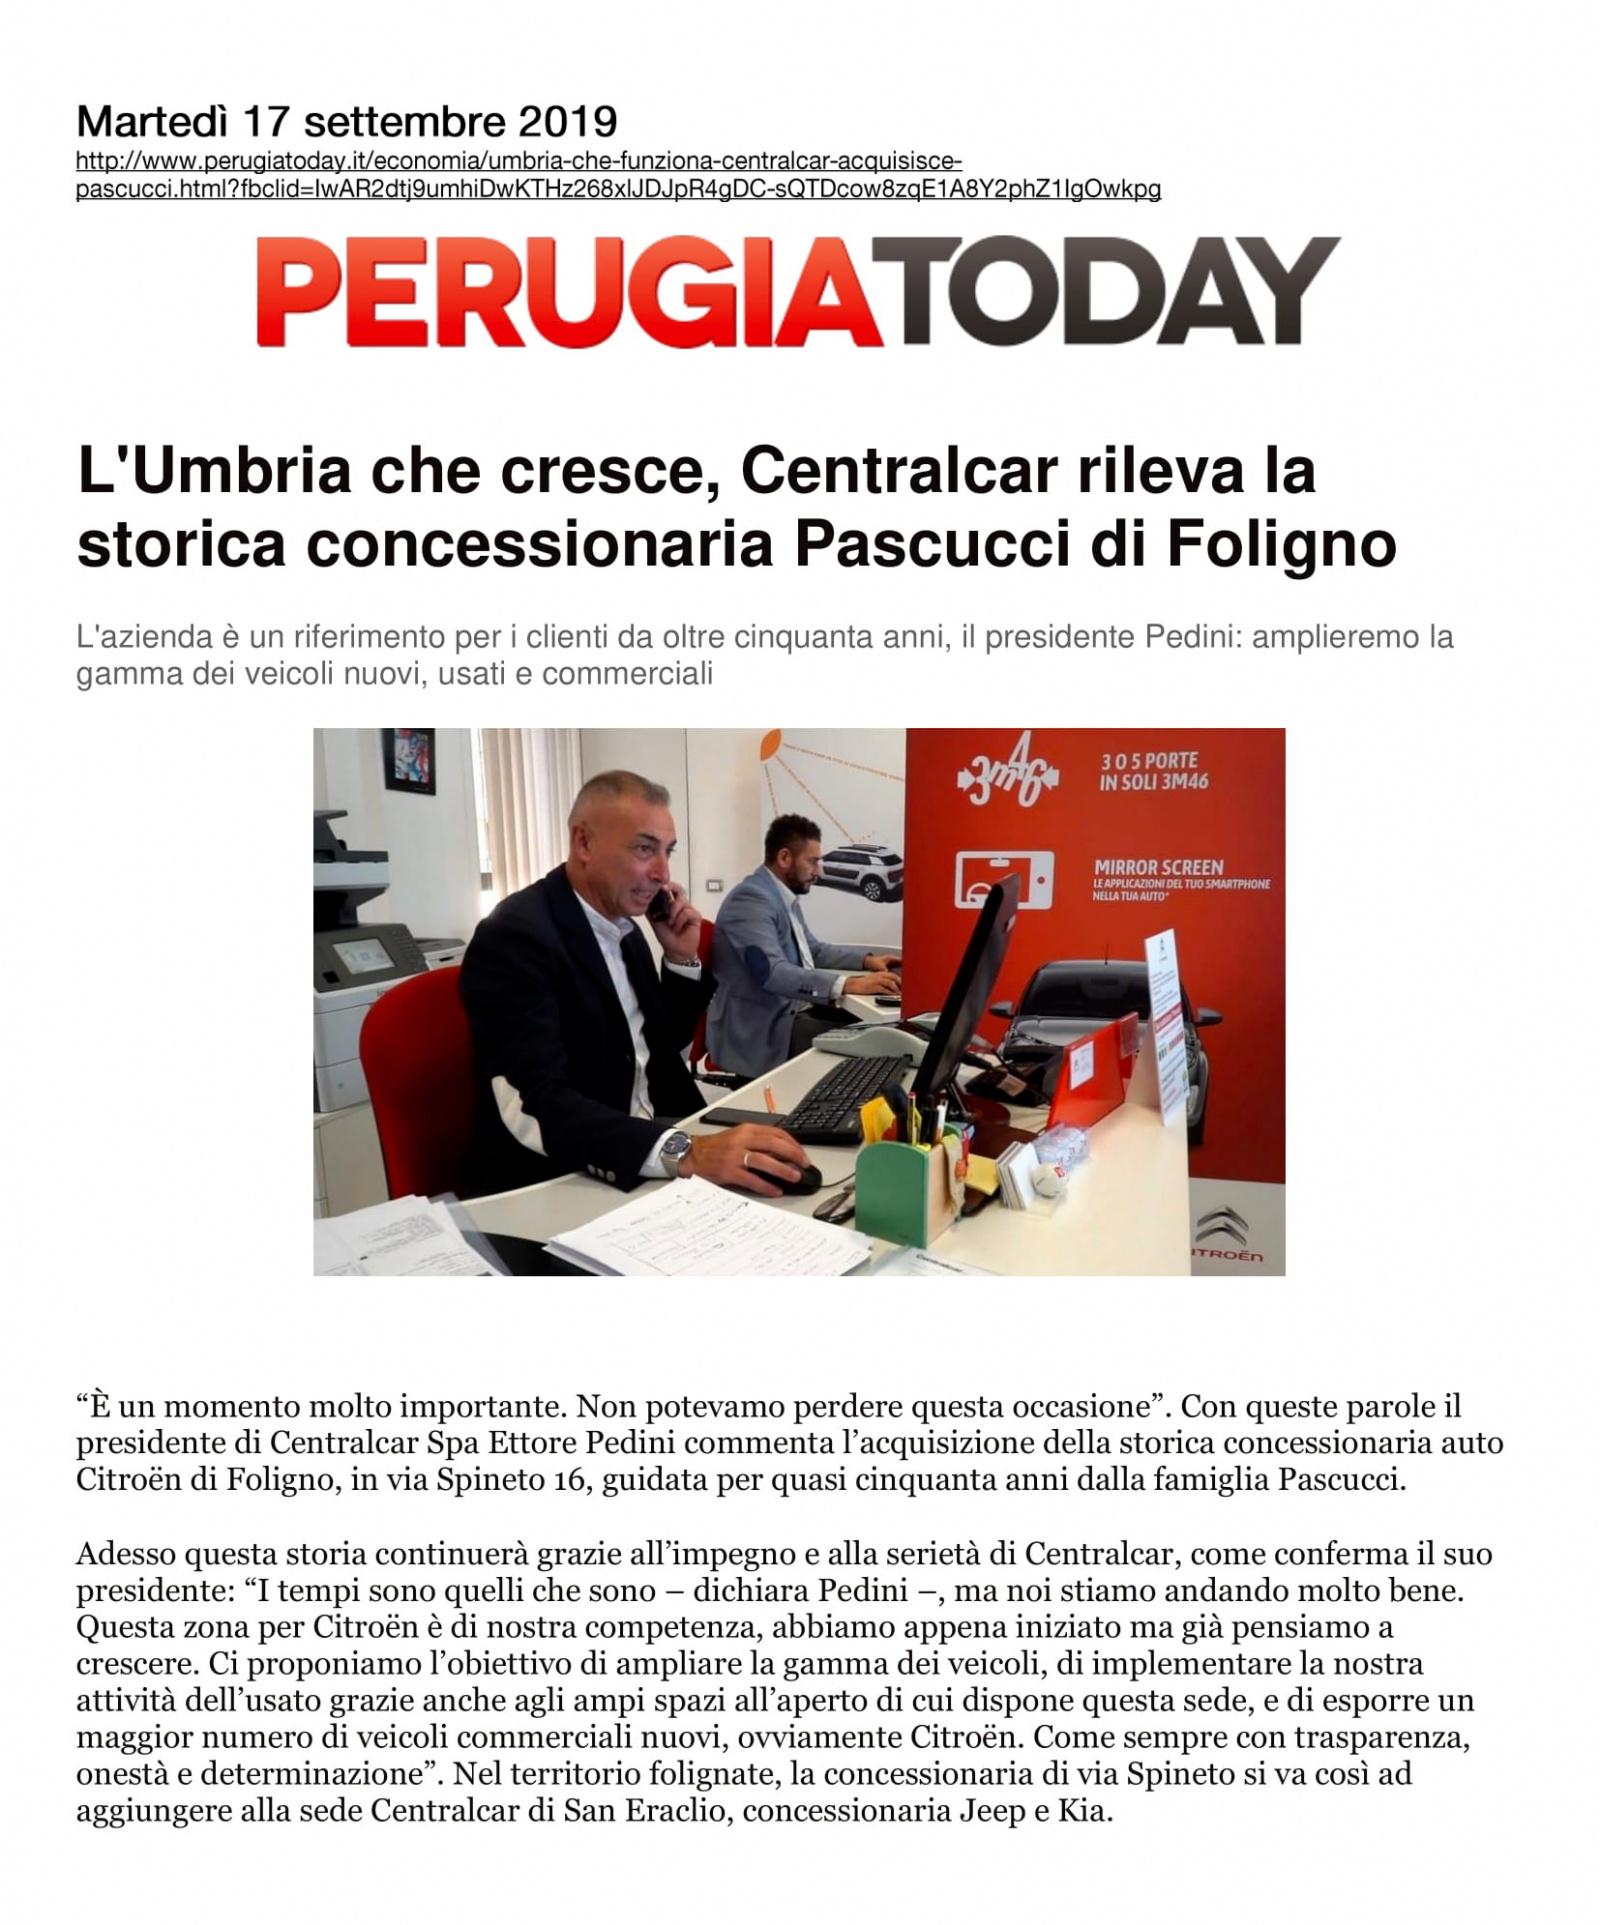 L'Umbria che cresce, Centralcar rileva la storica concessionaria Pascucci di Foligno